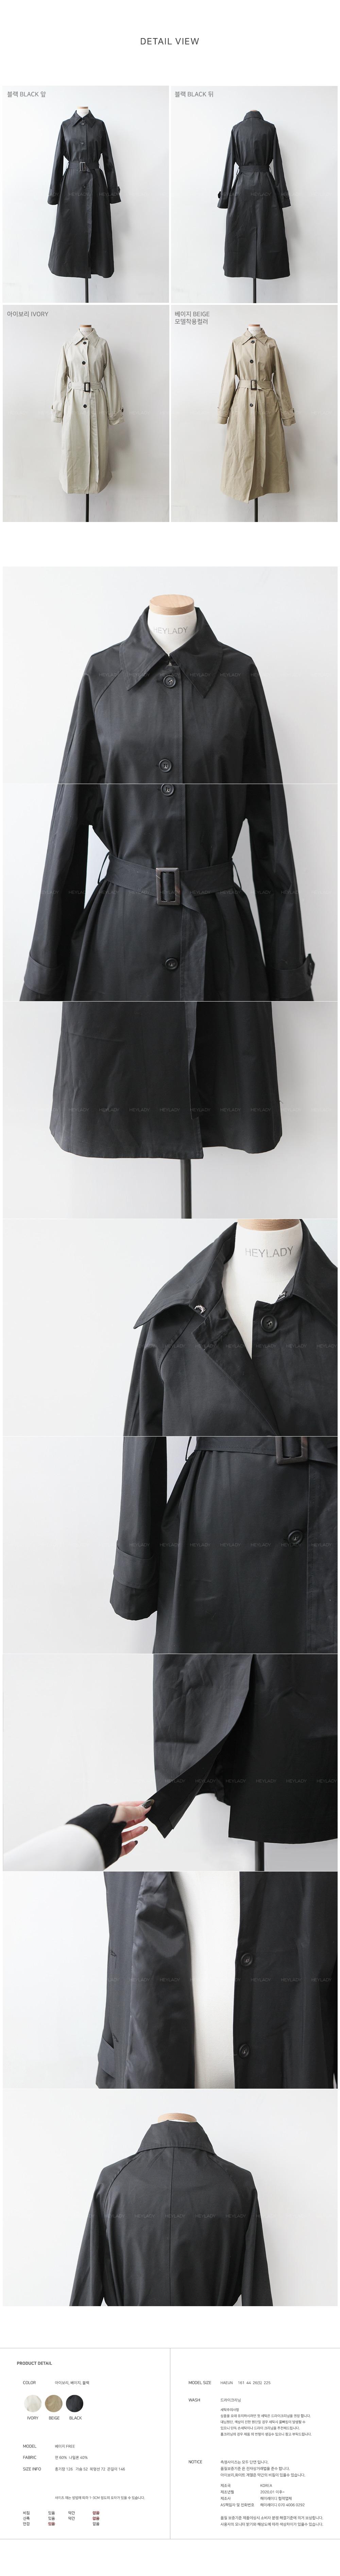 Monte Trench Coat